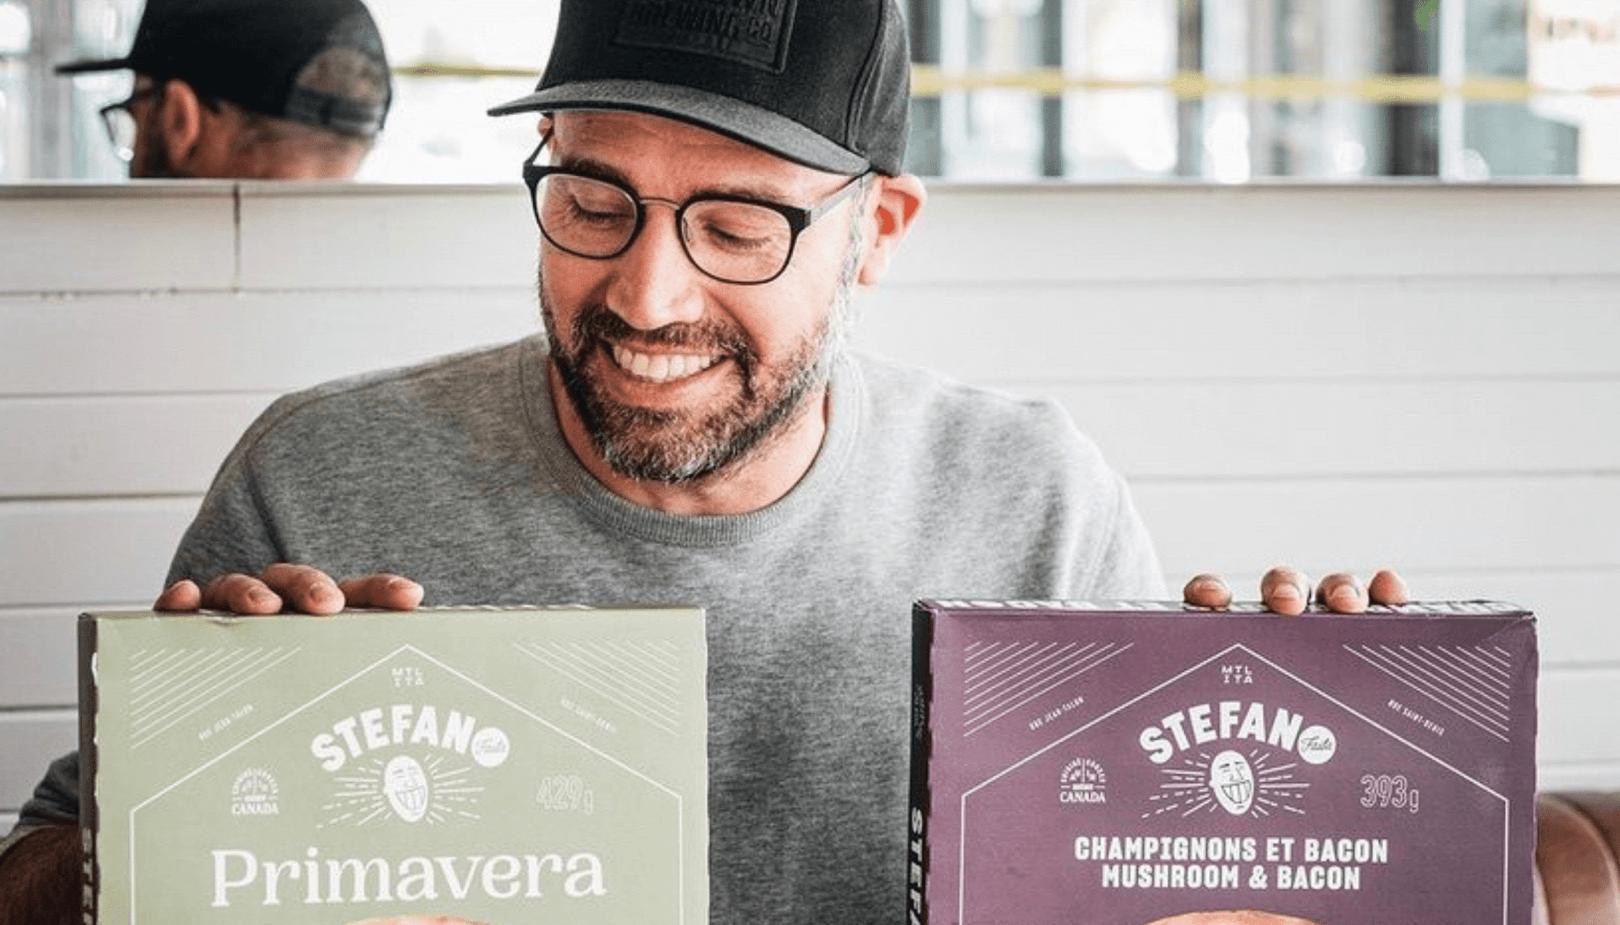 Stefano Faita lance deux nouvelles pizzas surgelées